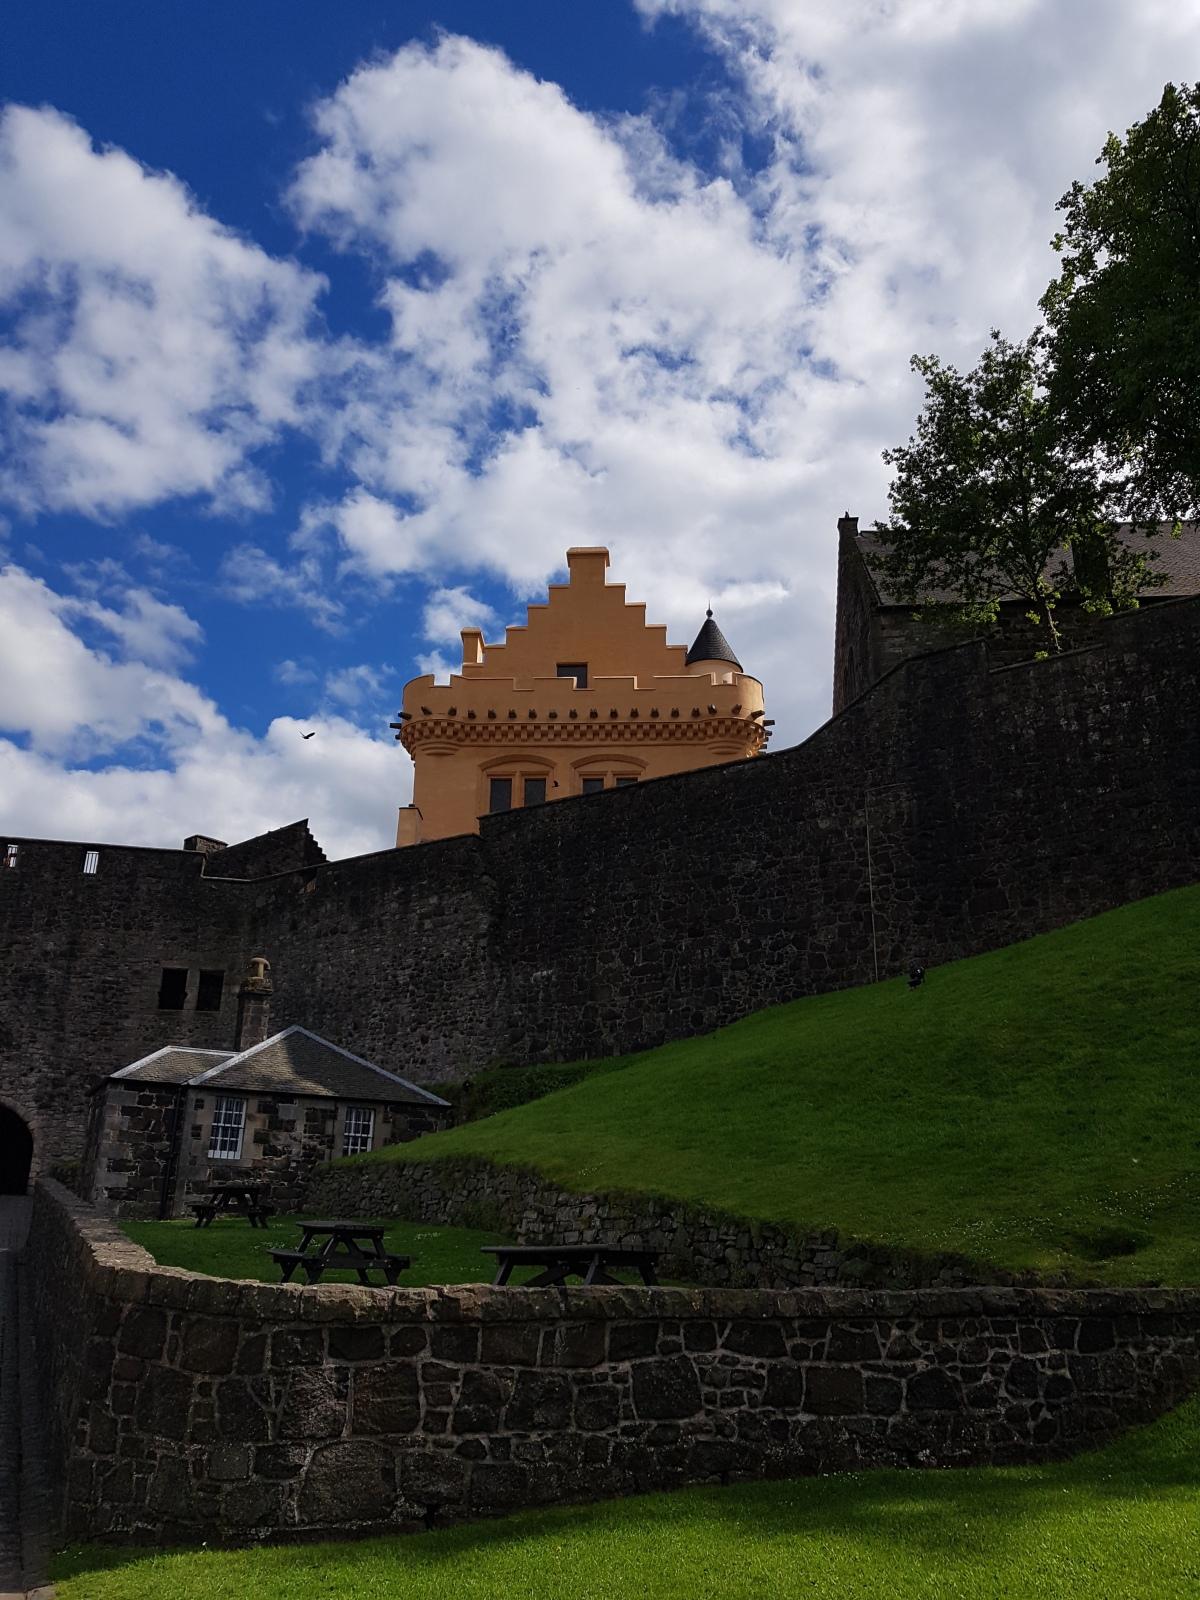 Day 12. das größte Castle anschauen20190528